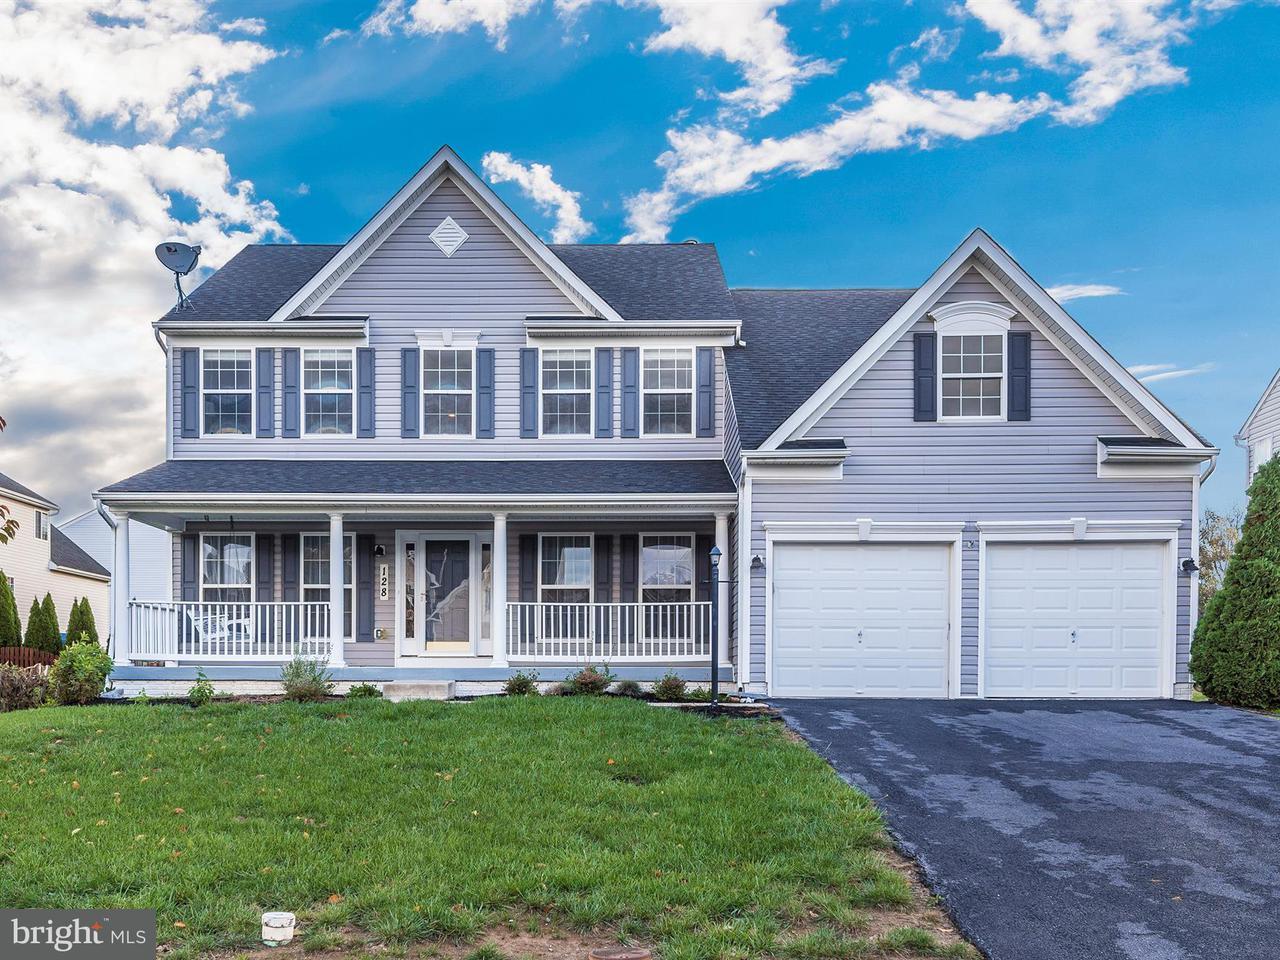 Частный односемейный дом для того Продажа на 128 Greenwich Drive 128 Greenwich Drive Walkersville, Мэриленд 21793 Соединенные Штаты